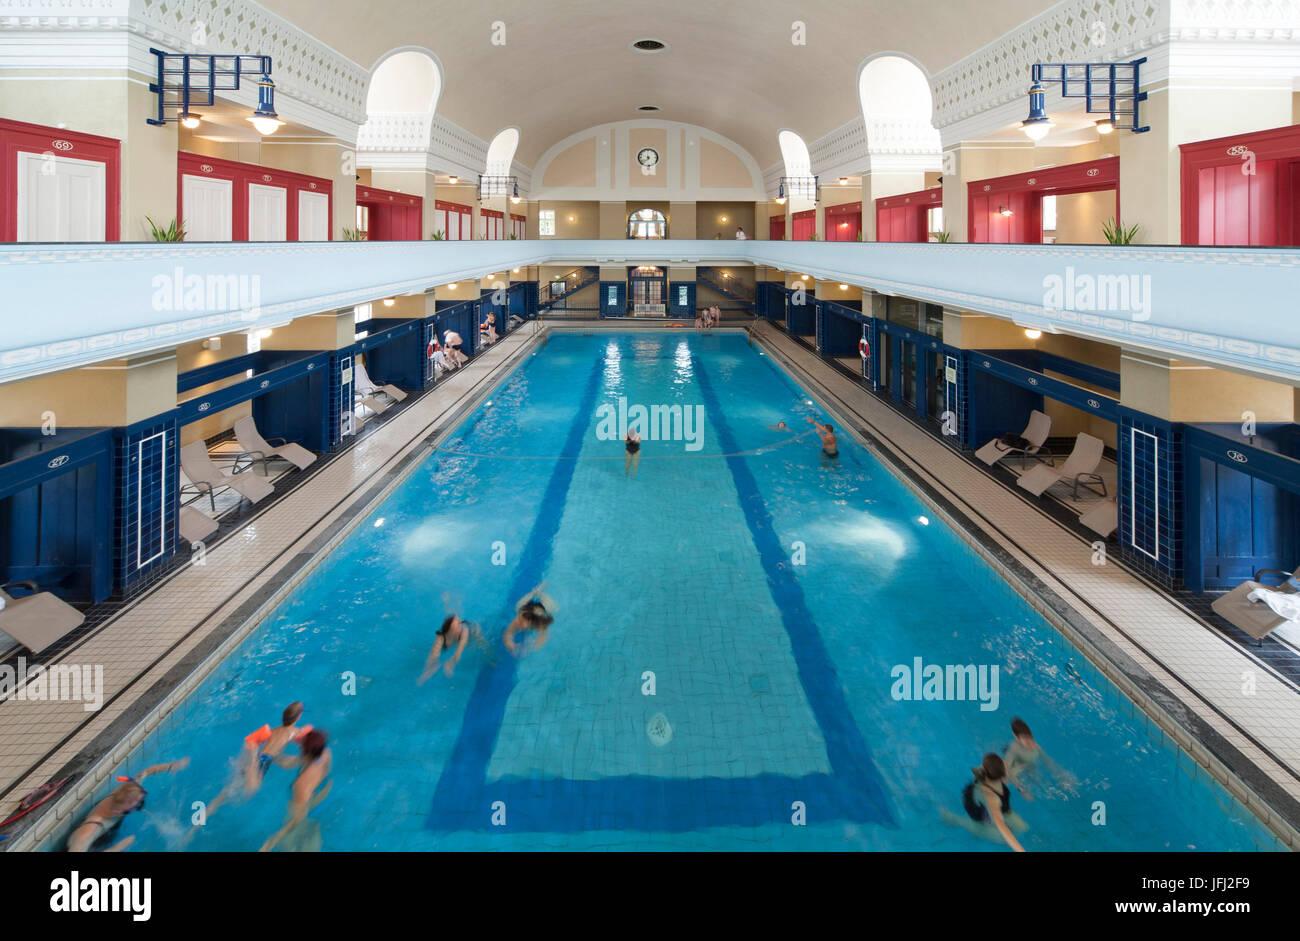 Darmstadt Swimming Pool jugendstil bath darmstadt jugendstil indoor swimming pool stock